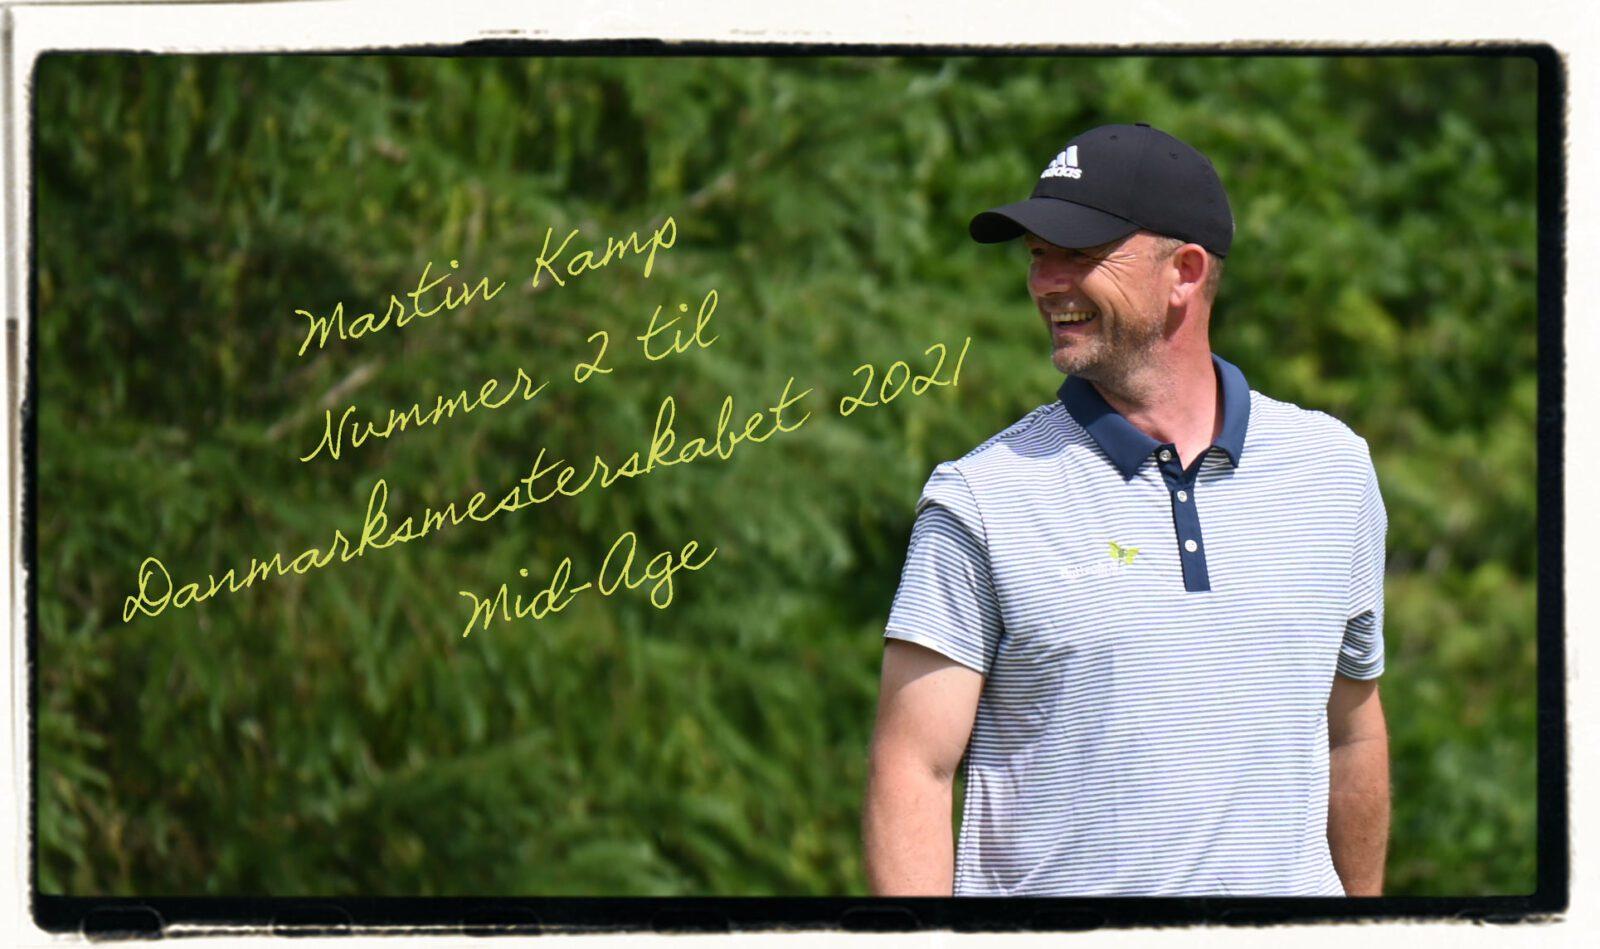 Martin Kamp bliver nummer 2 til DM i Mid-Age Golf